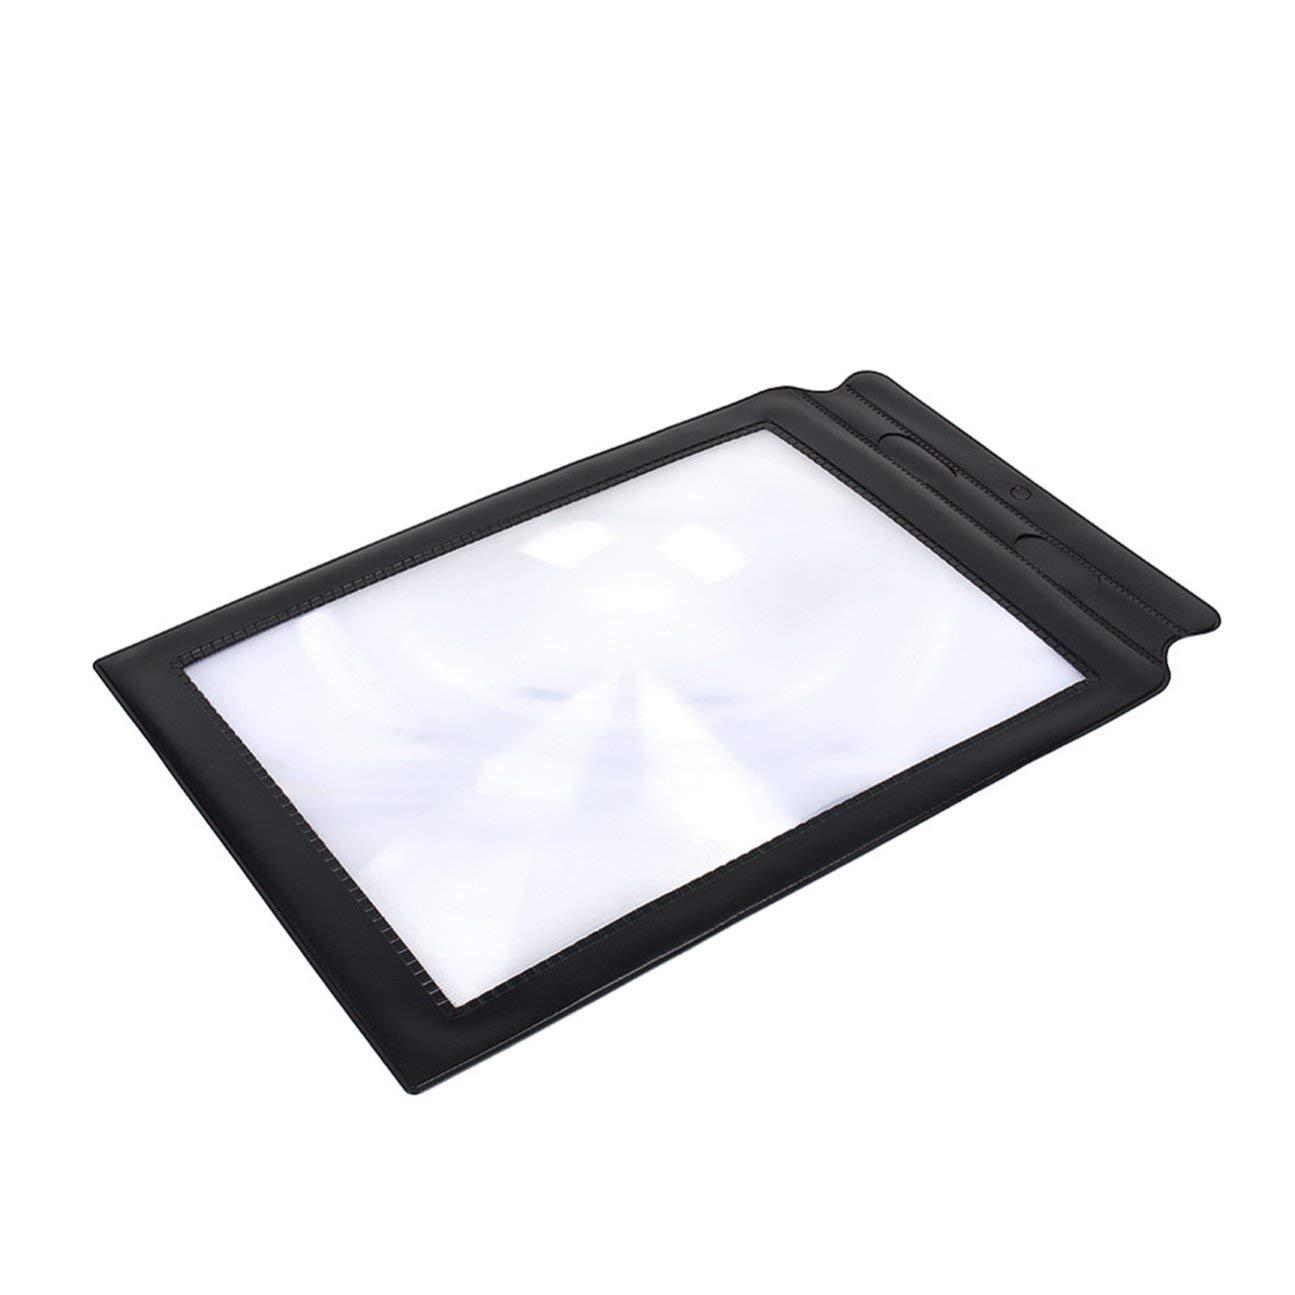 Lente dingrandimento 3X portatile per la lettura di fogli grandi formato A4